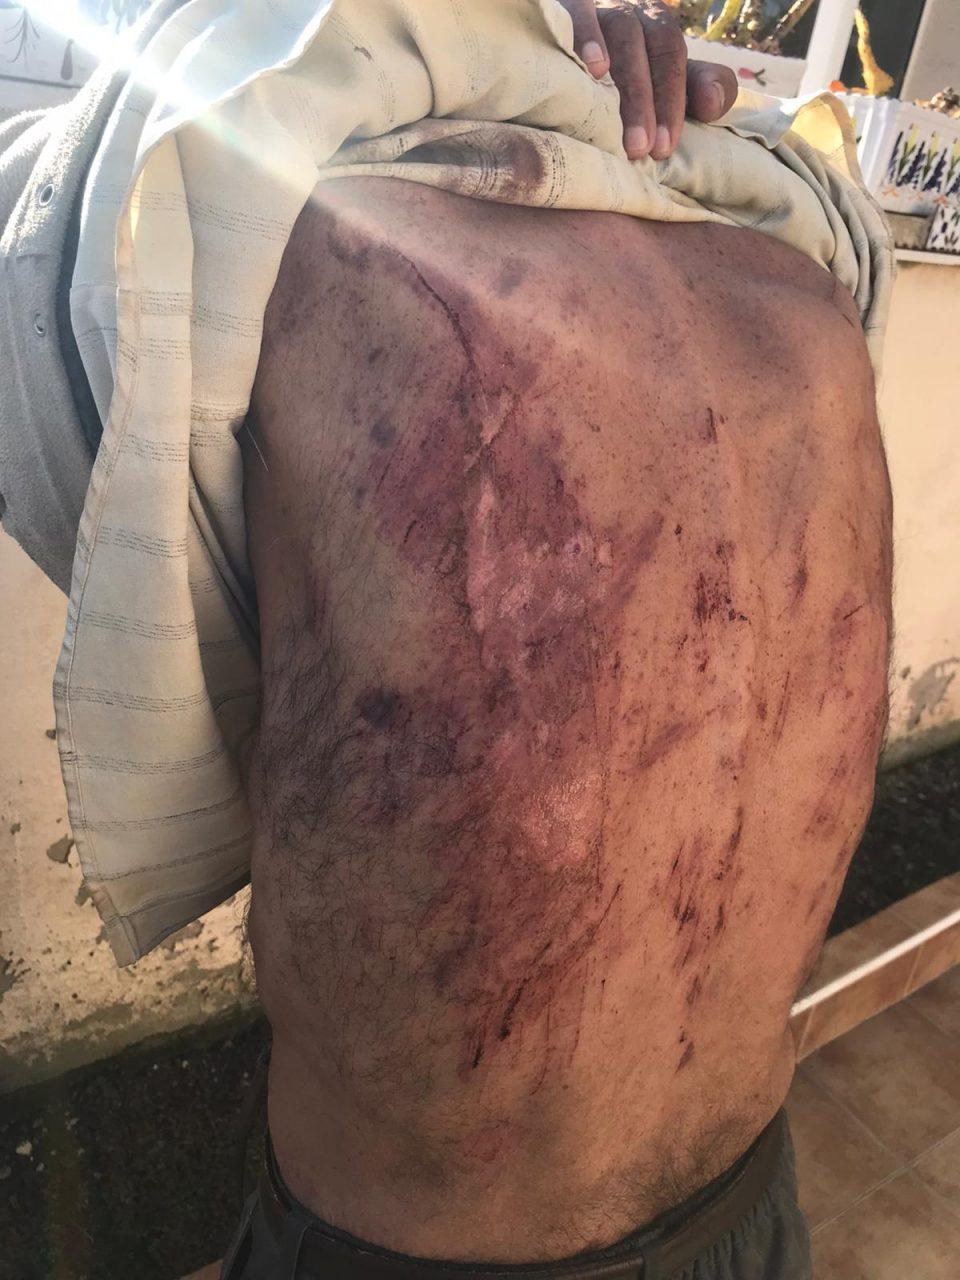 Brutal agresión a un anciano en Torrevieja 6